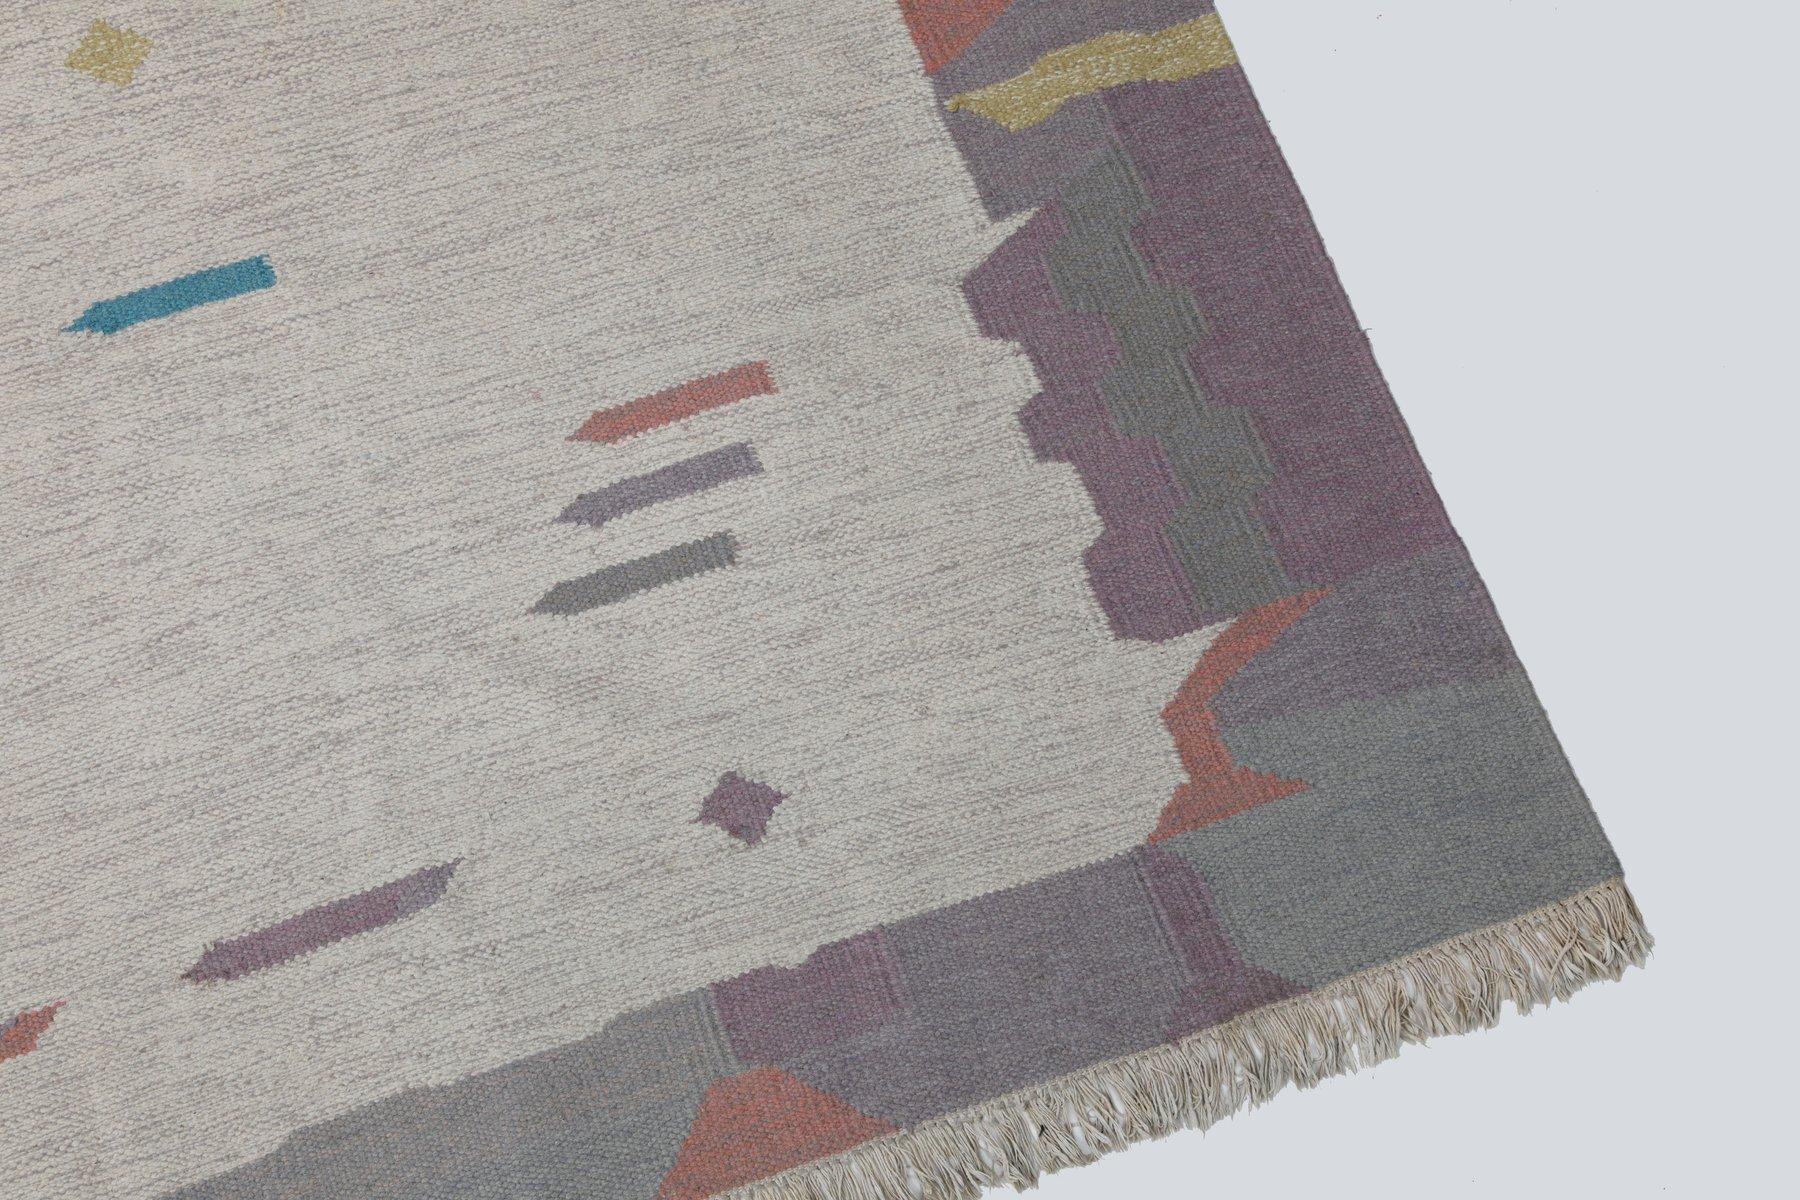 tapis vintage tiss plat de couleur pastel en vente sur pamono. Black Bedroom Furniture Sets. Home Design Ideas